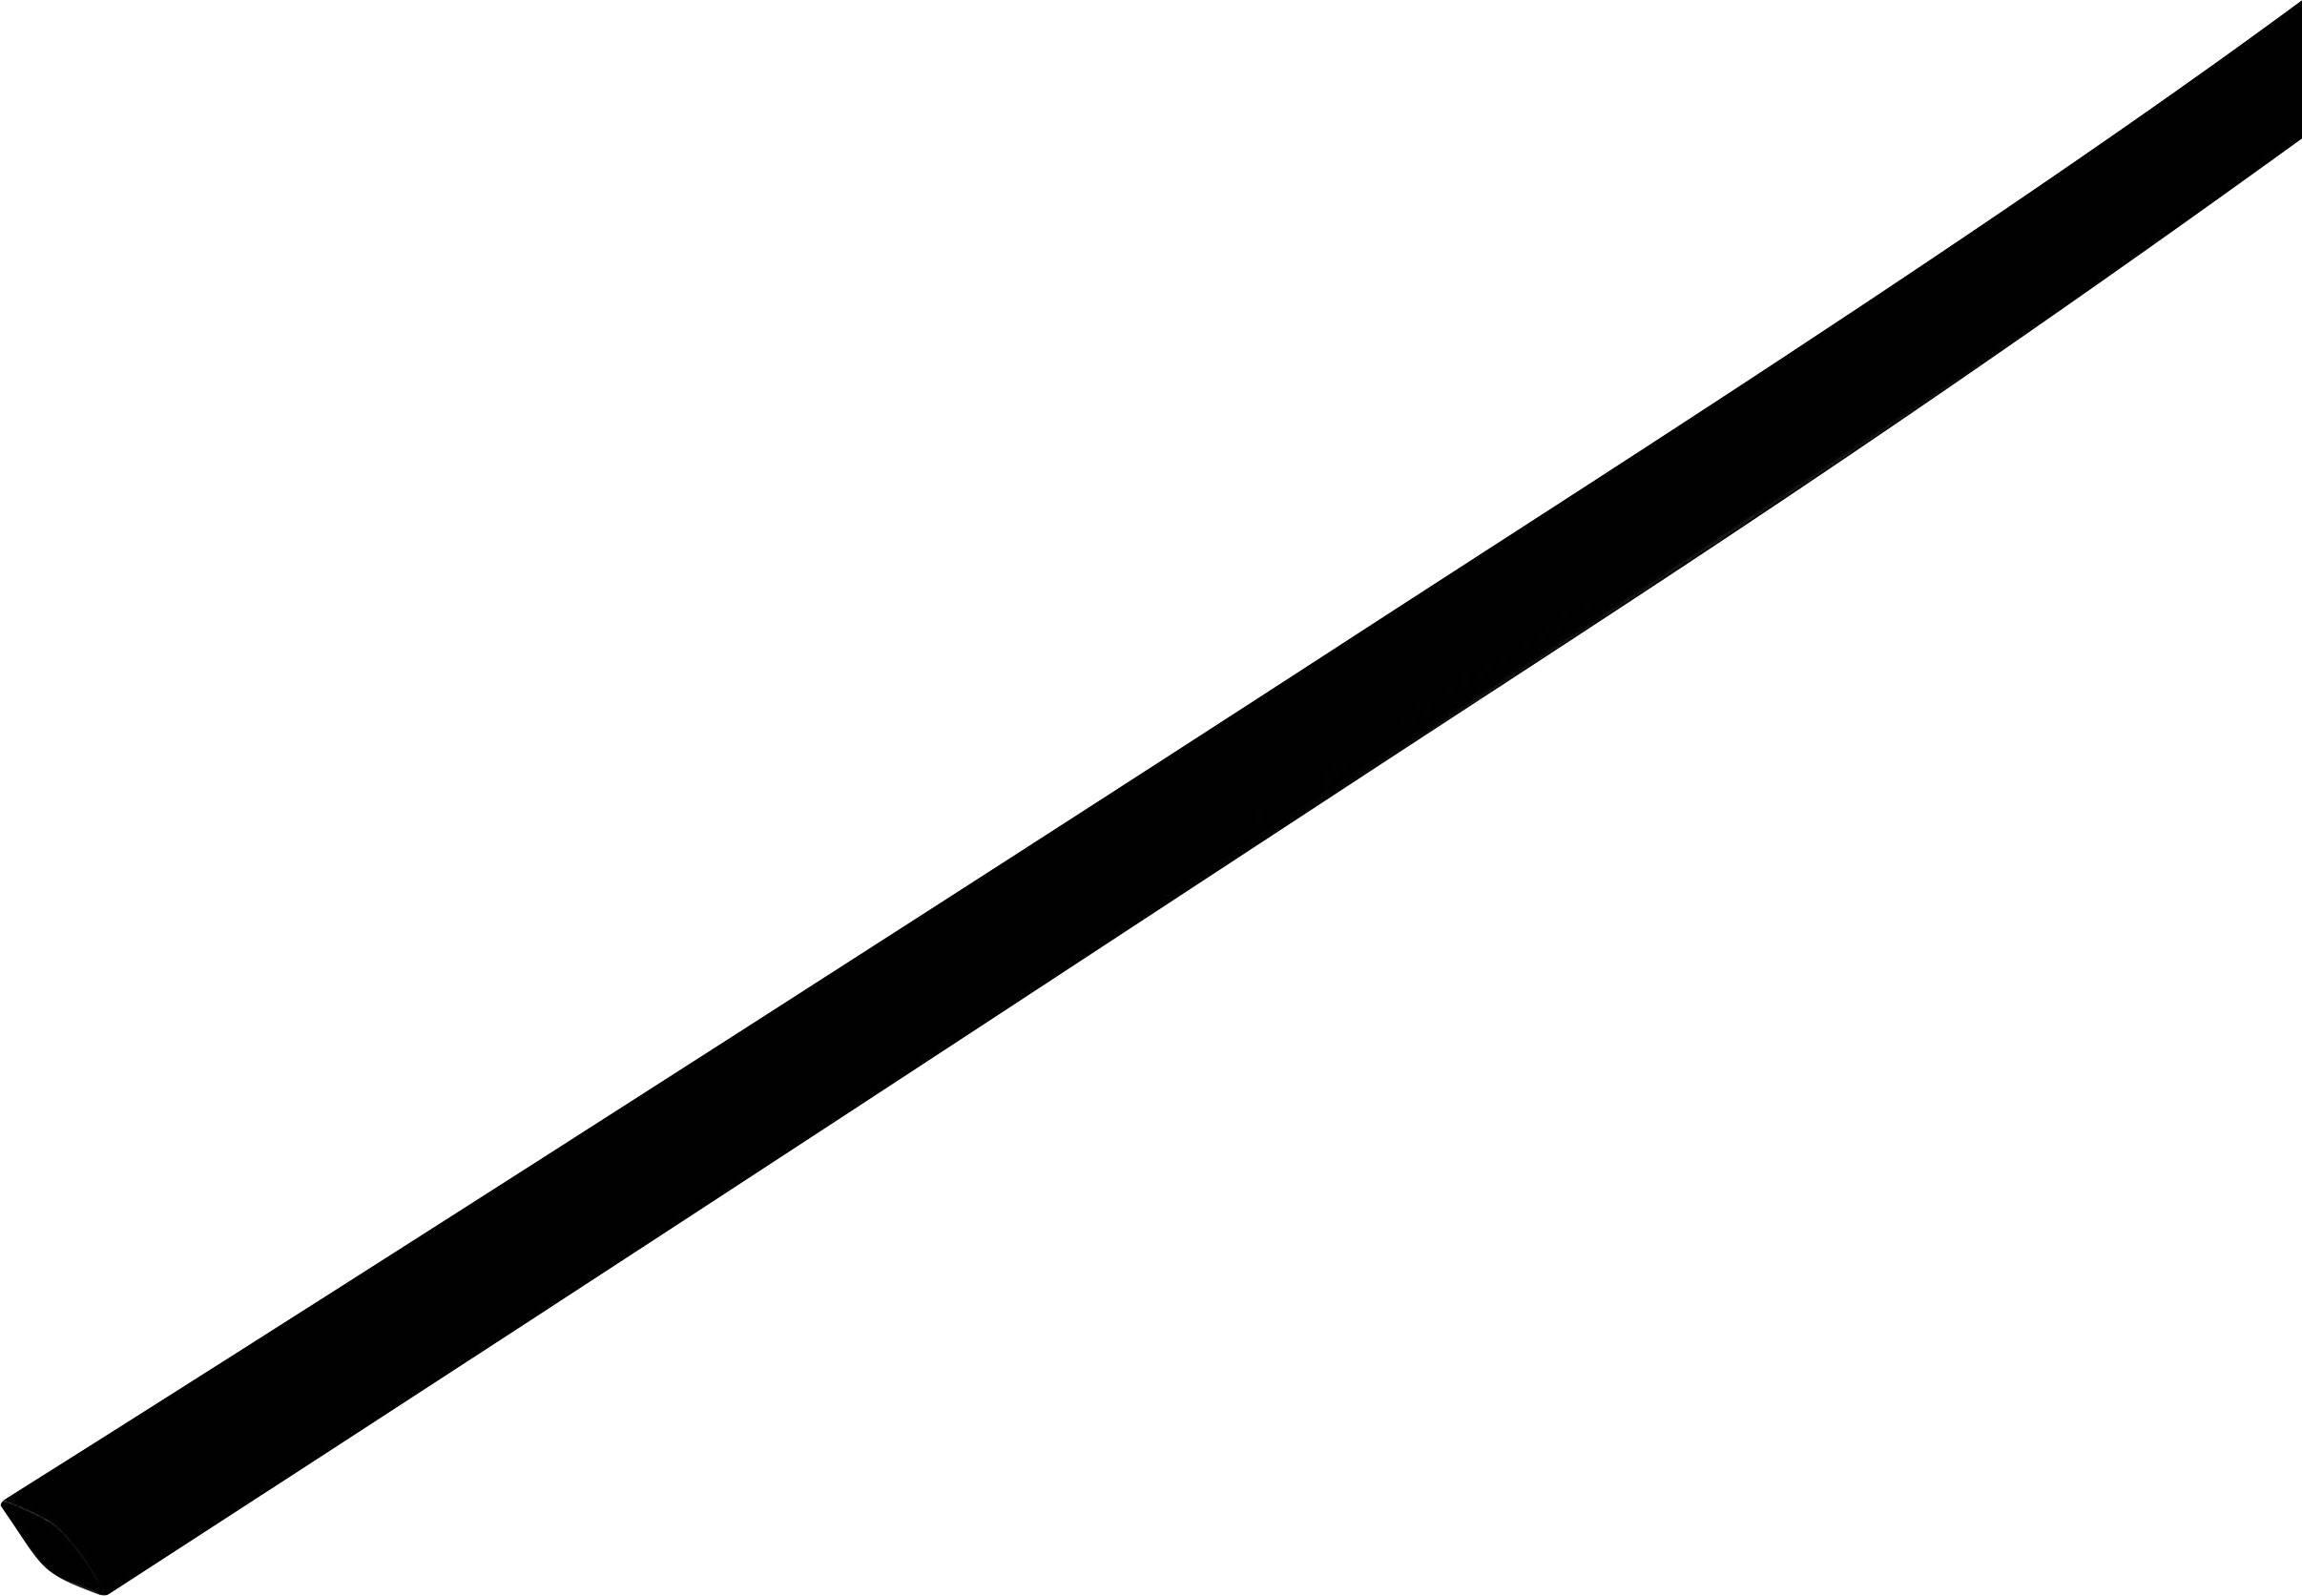 Zmršťovacia bužírka bez lepidla 1225497, 2:1, 12.70 mm, čierna, metrový tovar